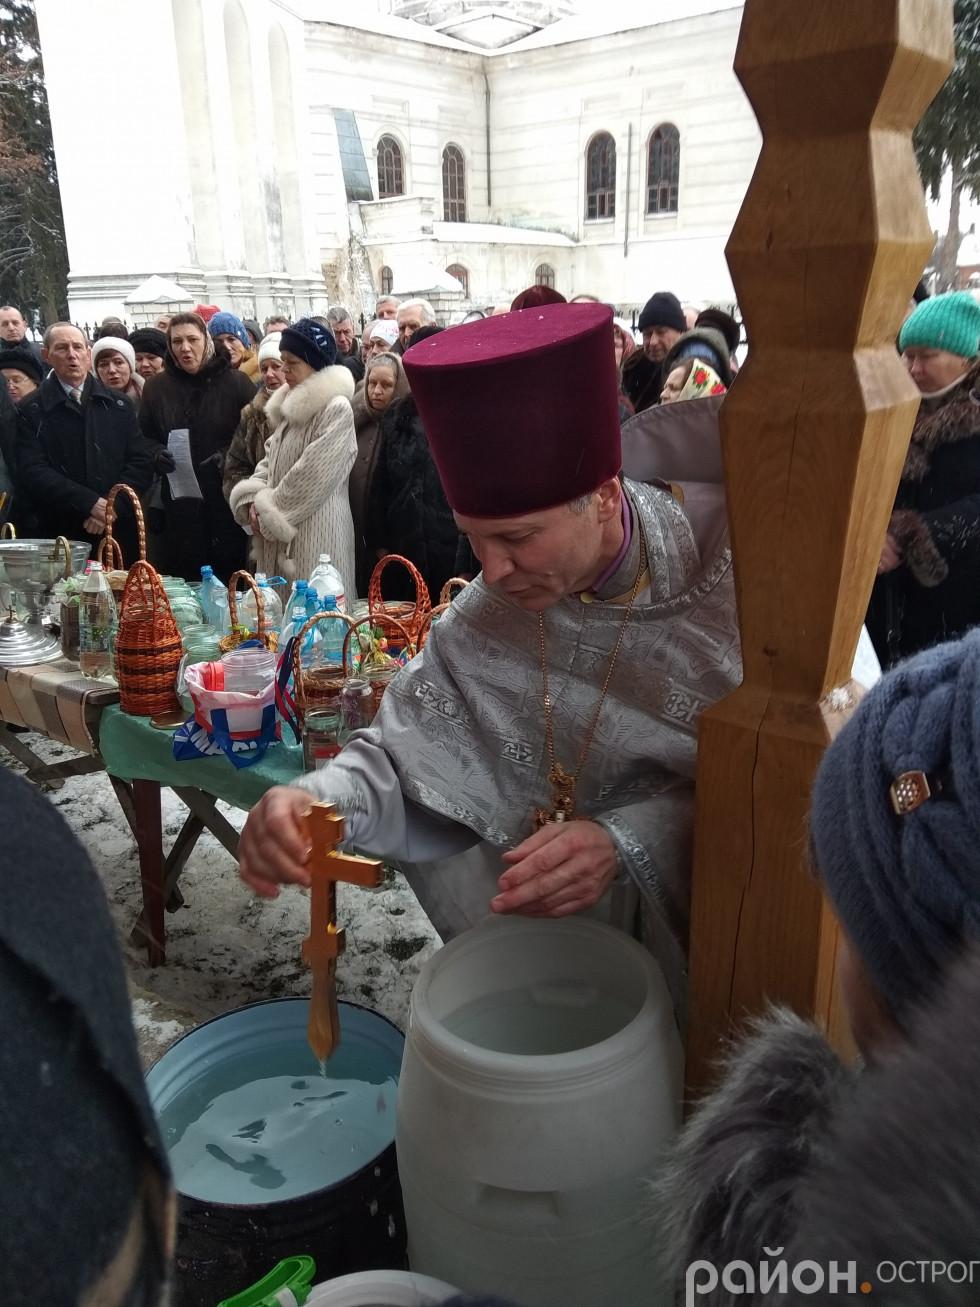 Освячення води в Свято-Миколаївській церкві